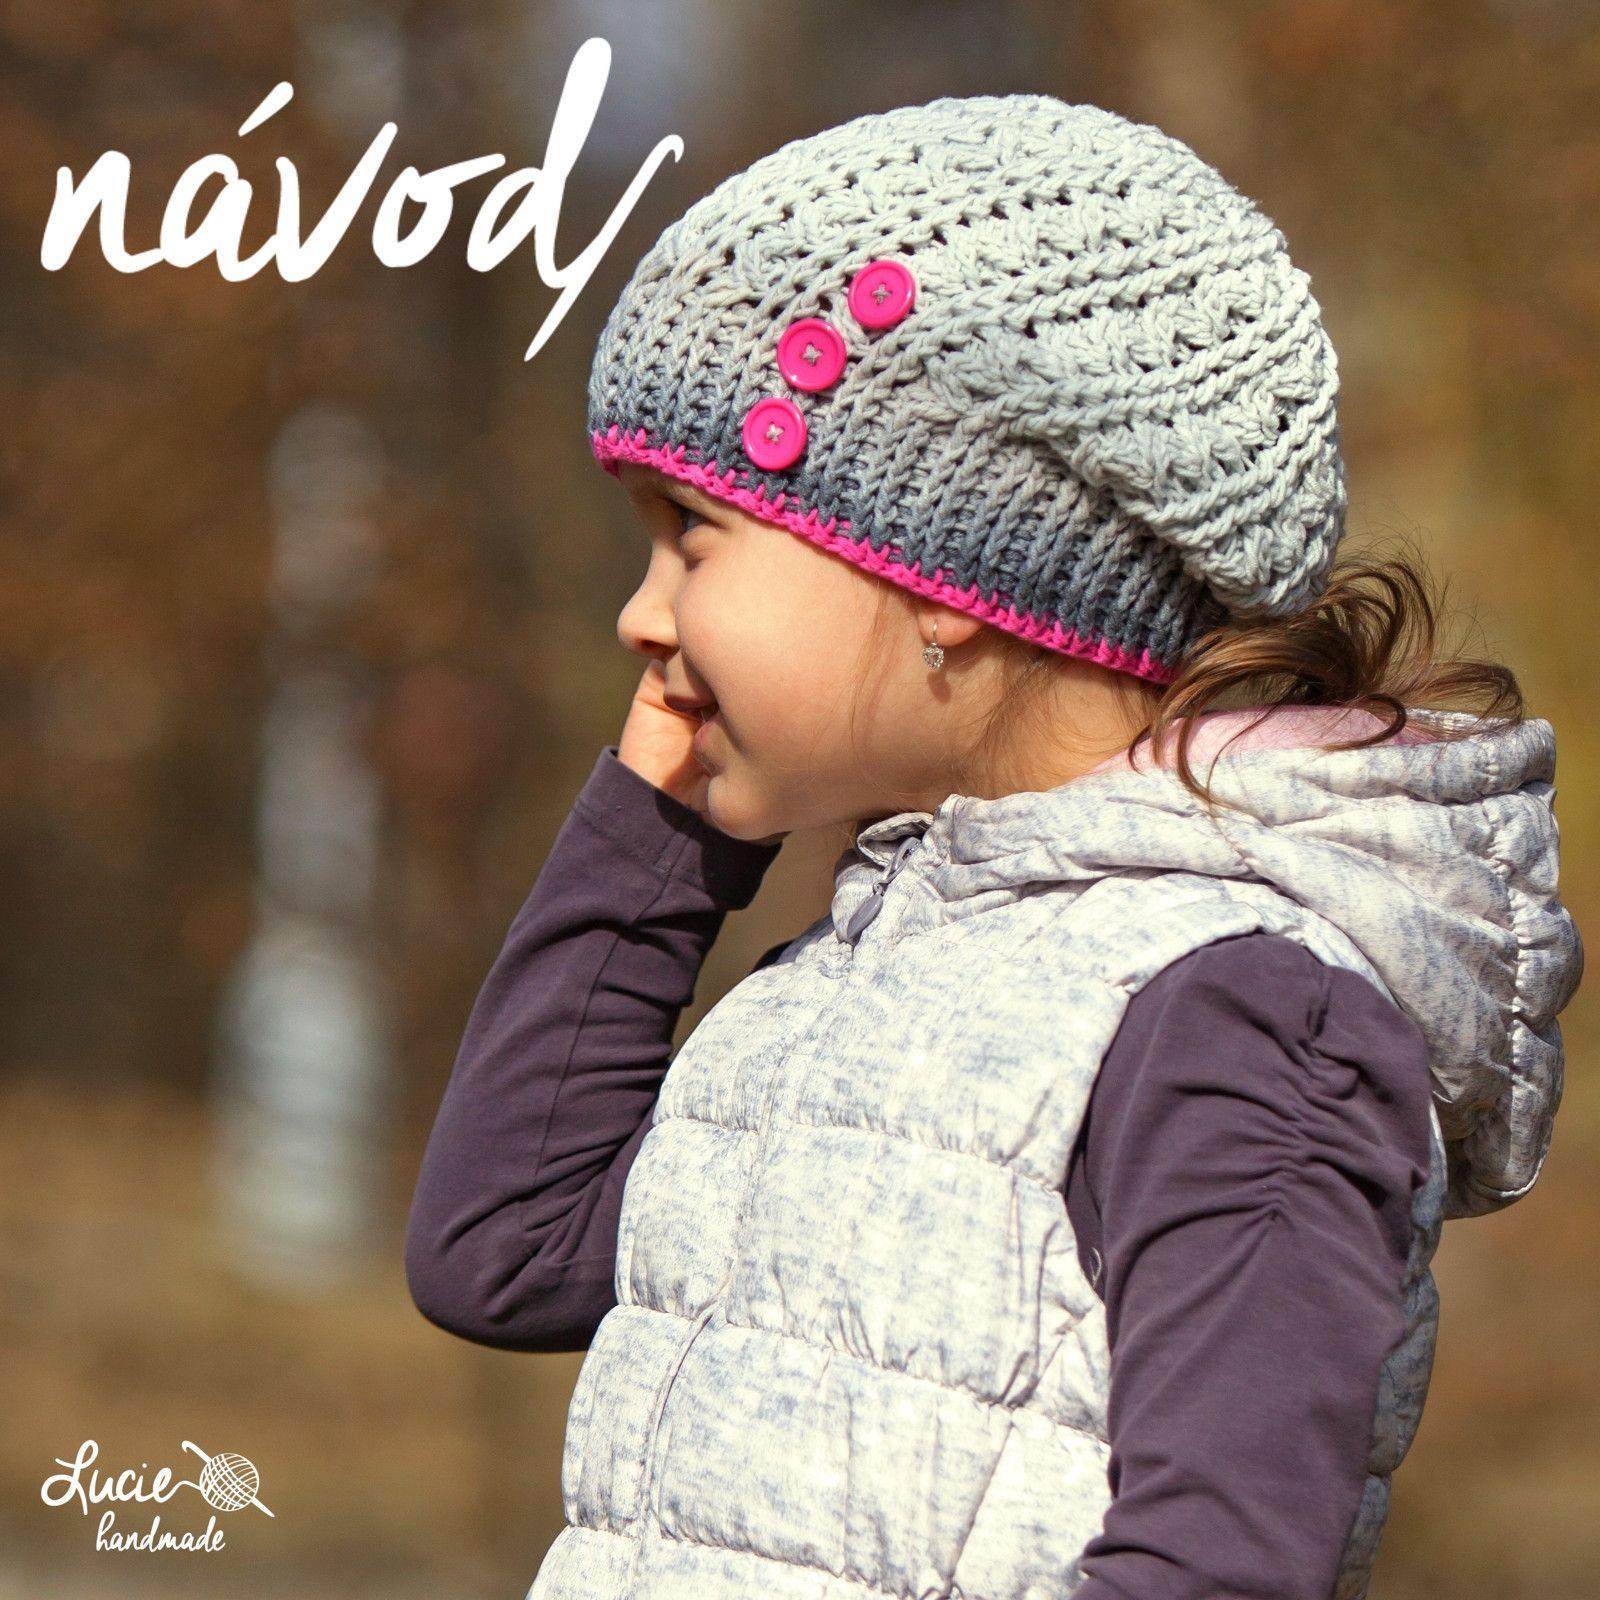 NÁVOD+č.104  ...UNI+zimní+homeles+NÁVOD+doporučuji+pro+POKROČILÉ+háčkařky+ -)+NÁVOD+na+háčkovanou+čepici+z+velmi+teplého+vzoru+ze+směsové+příze+55%bavlna  ... 2265da2935